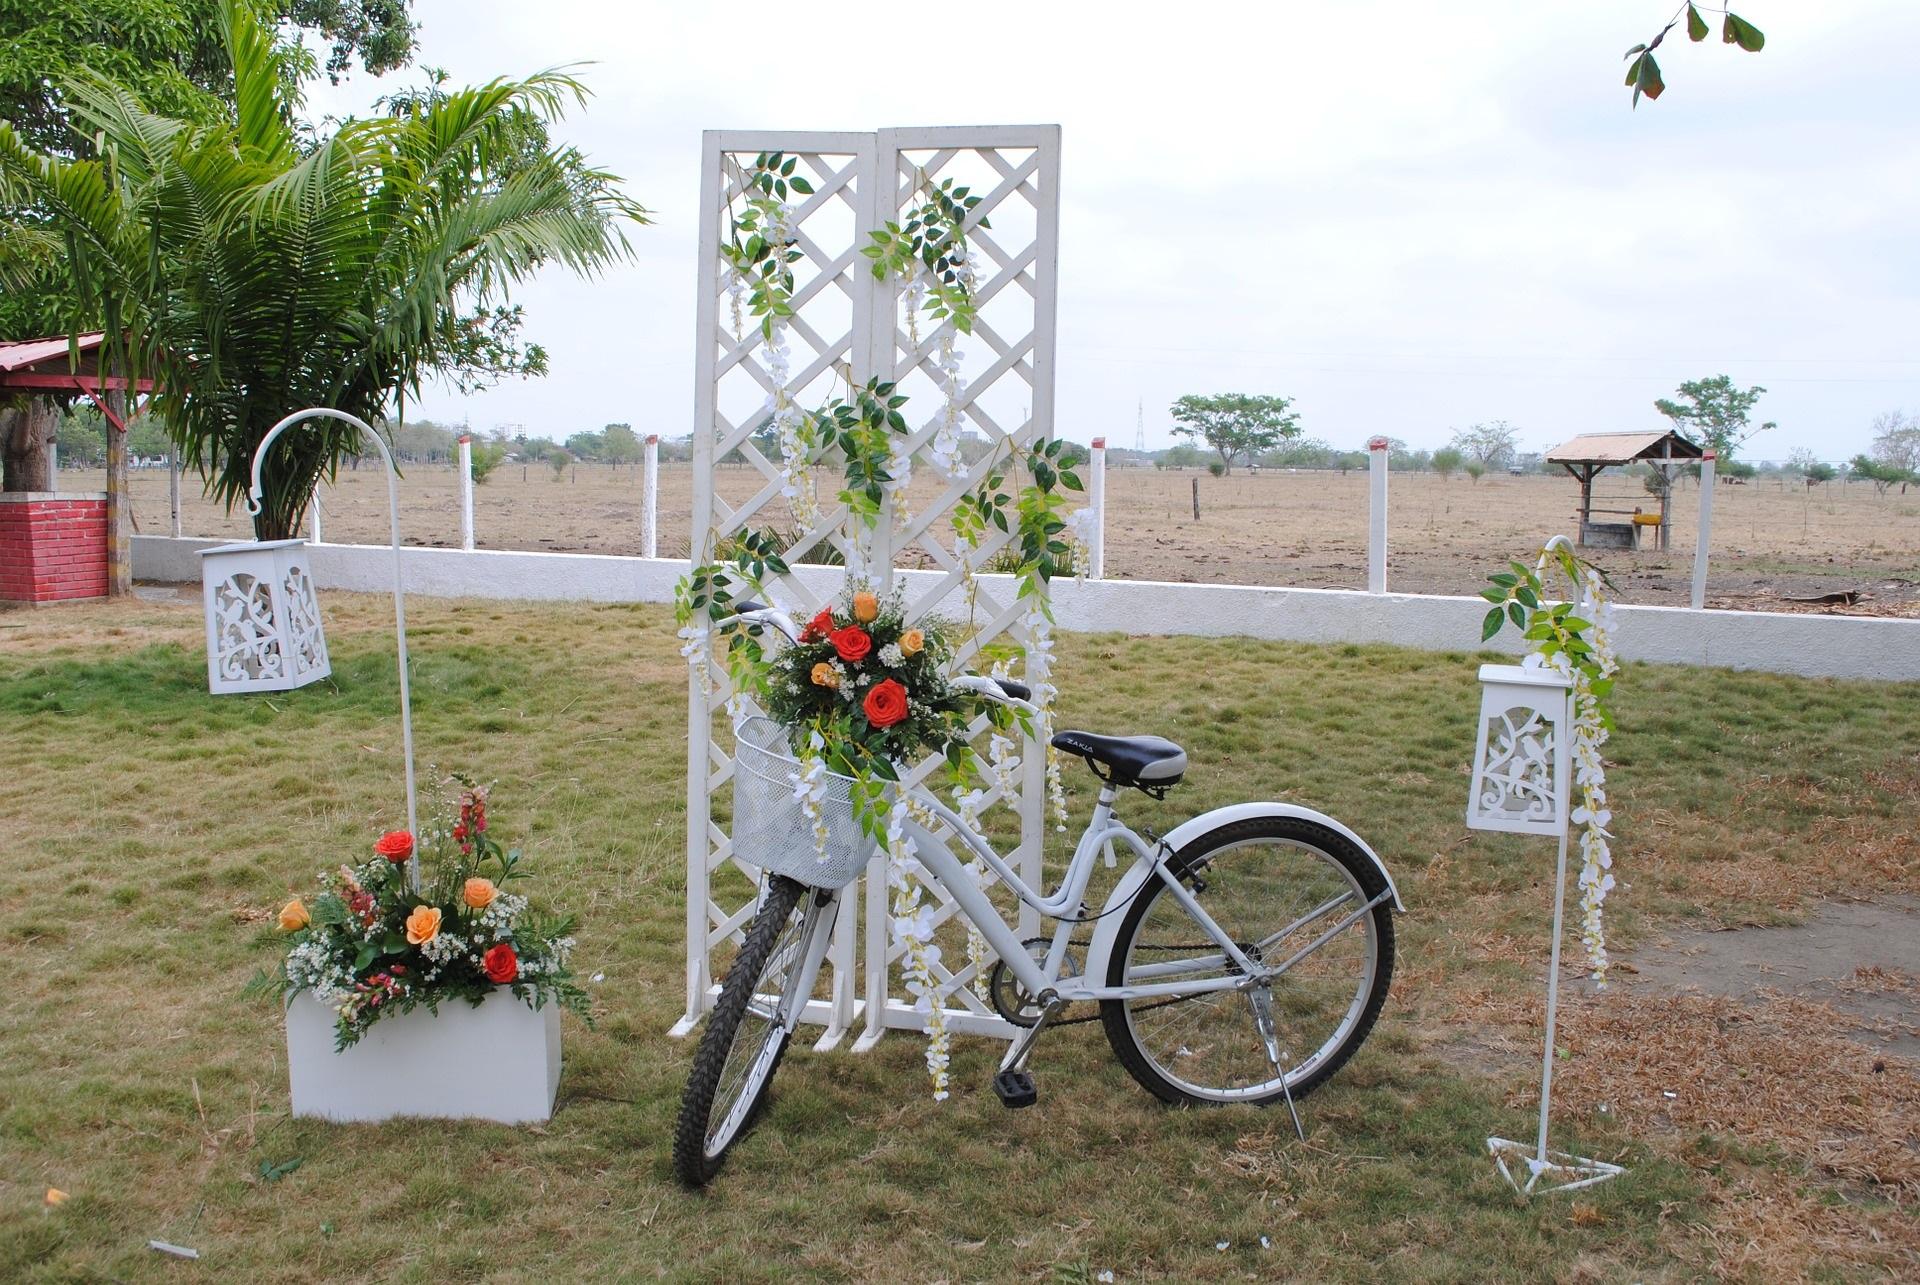 Gartenhochzeit, geschmücktes Fahrrad - Trends 2019